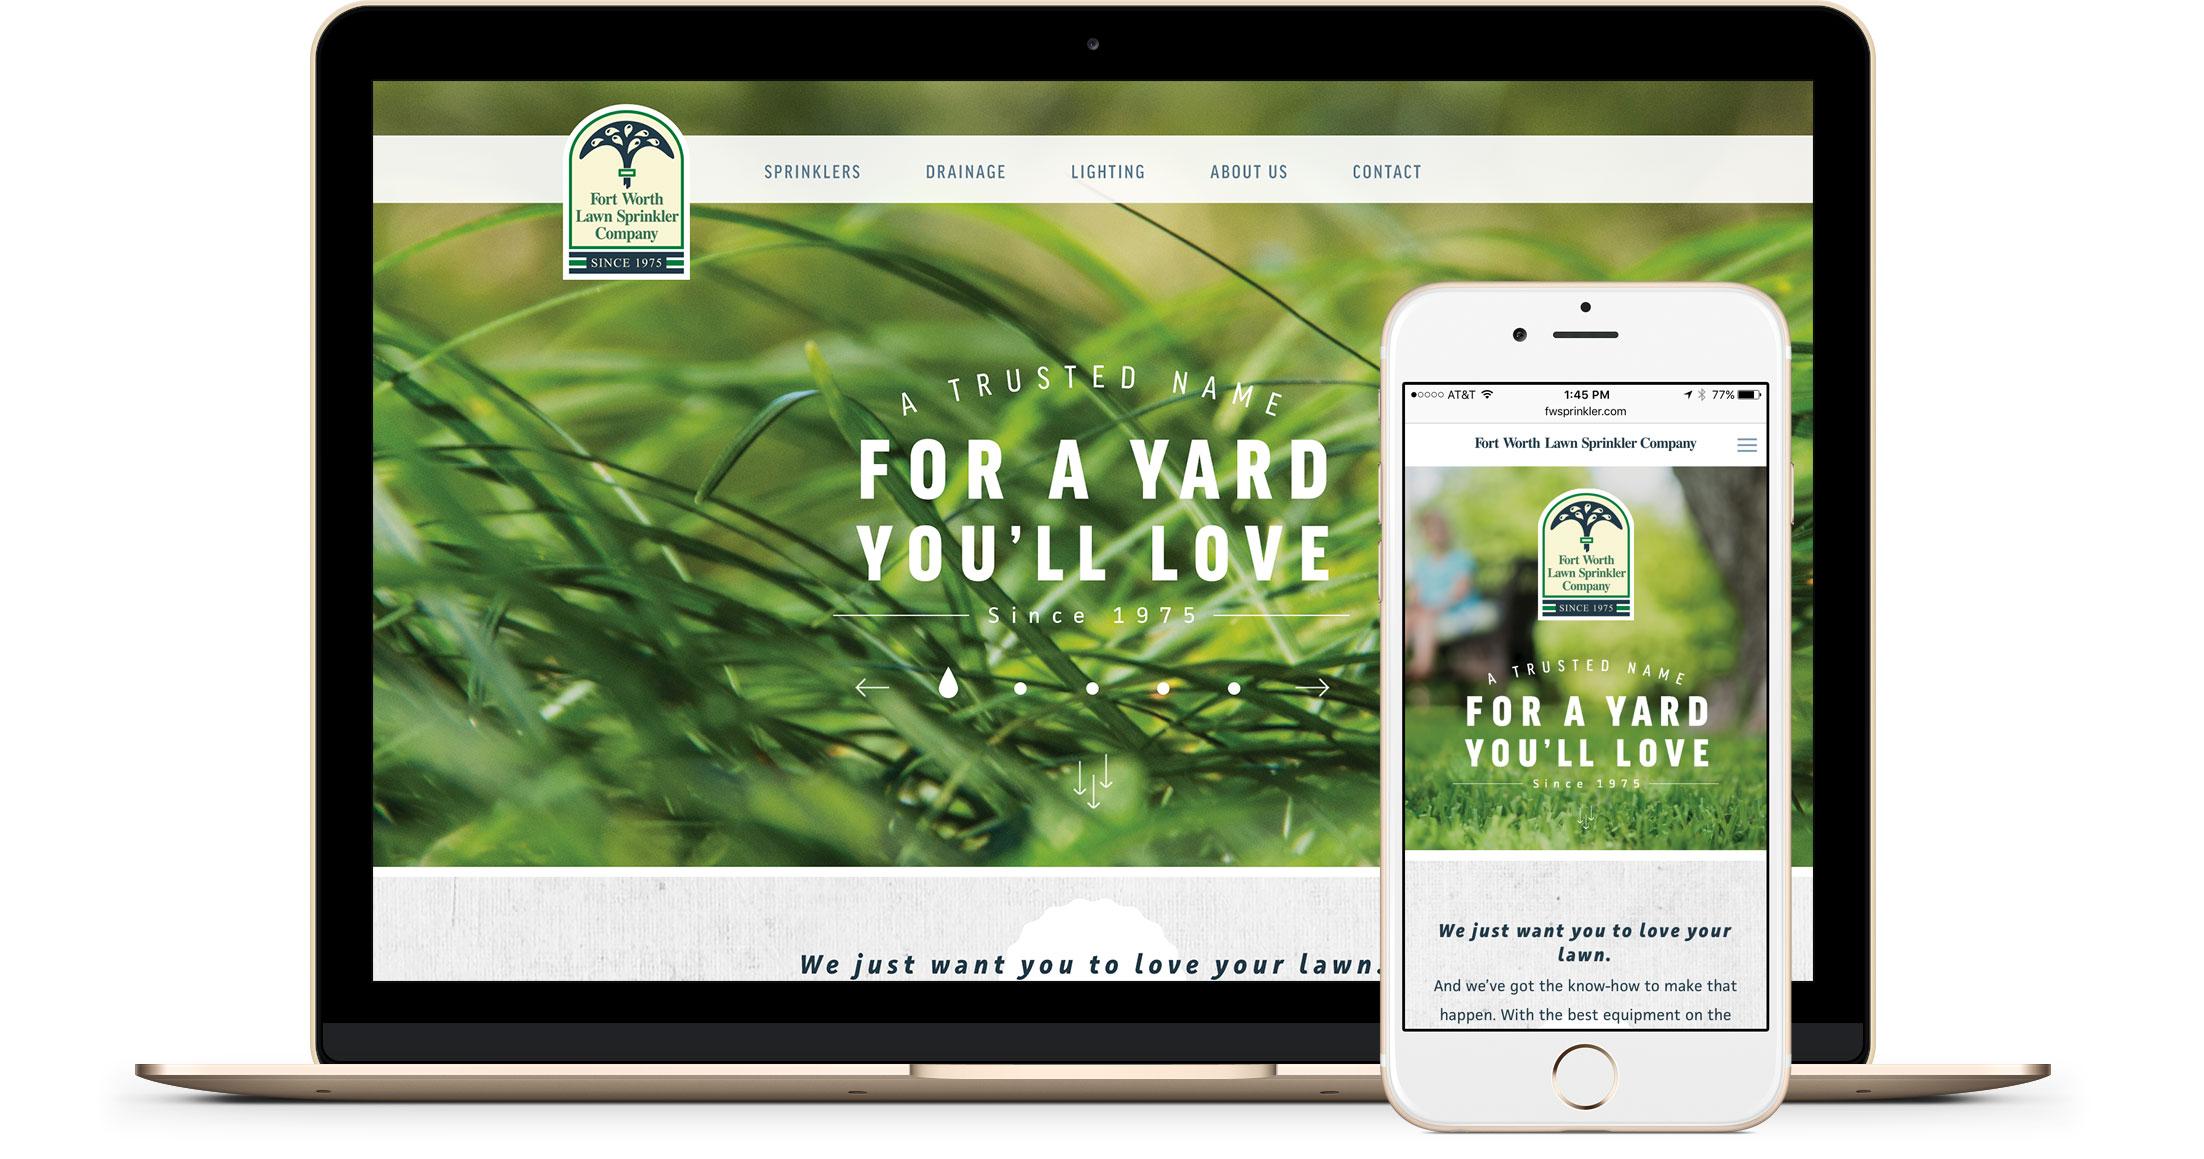 Fort Worth Lawn Sprinkler Mobile Responsive Website